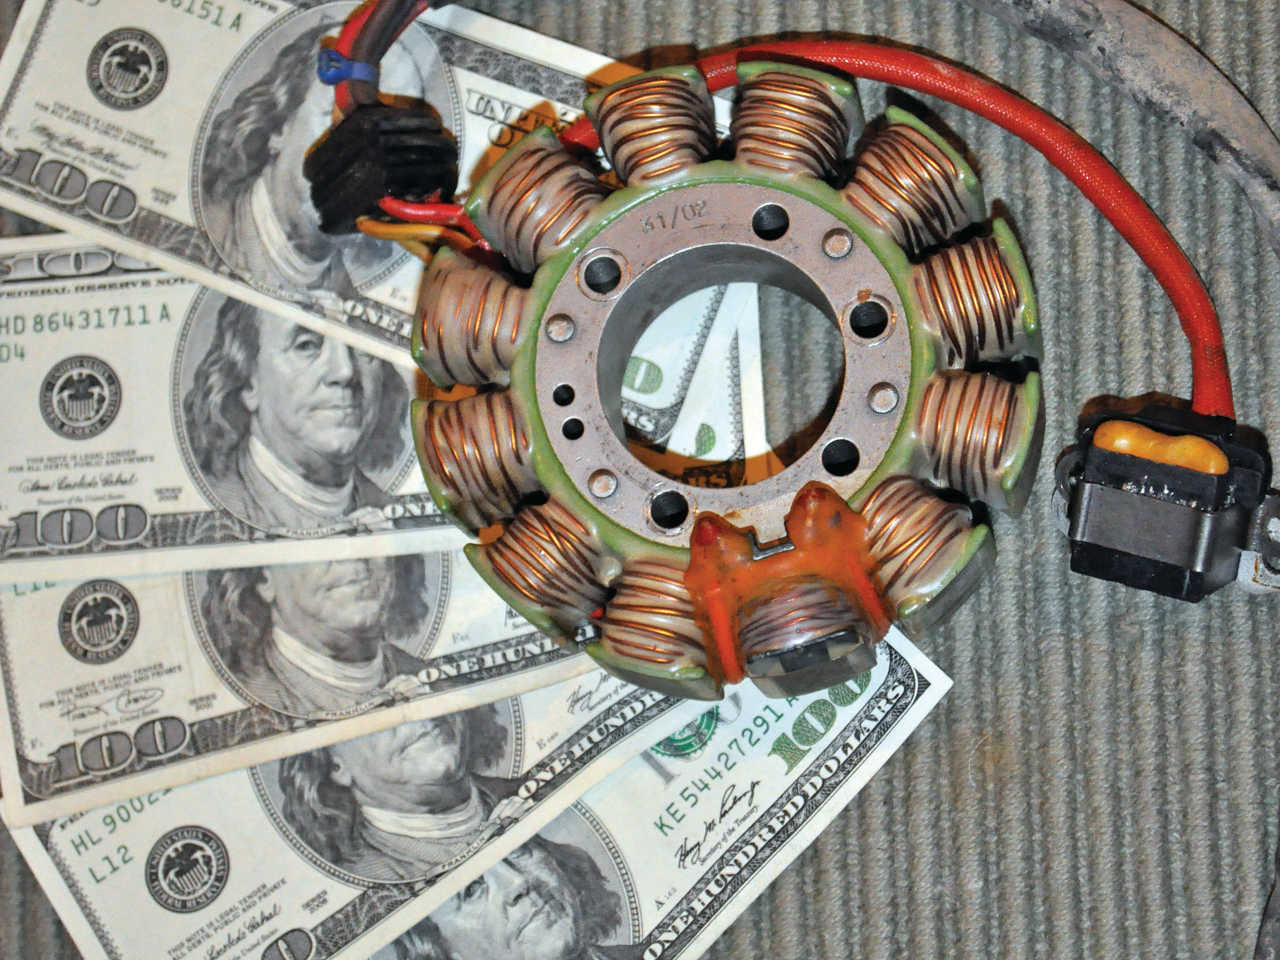 Polari 2004 600 Twin Wiring Diagram